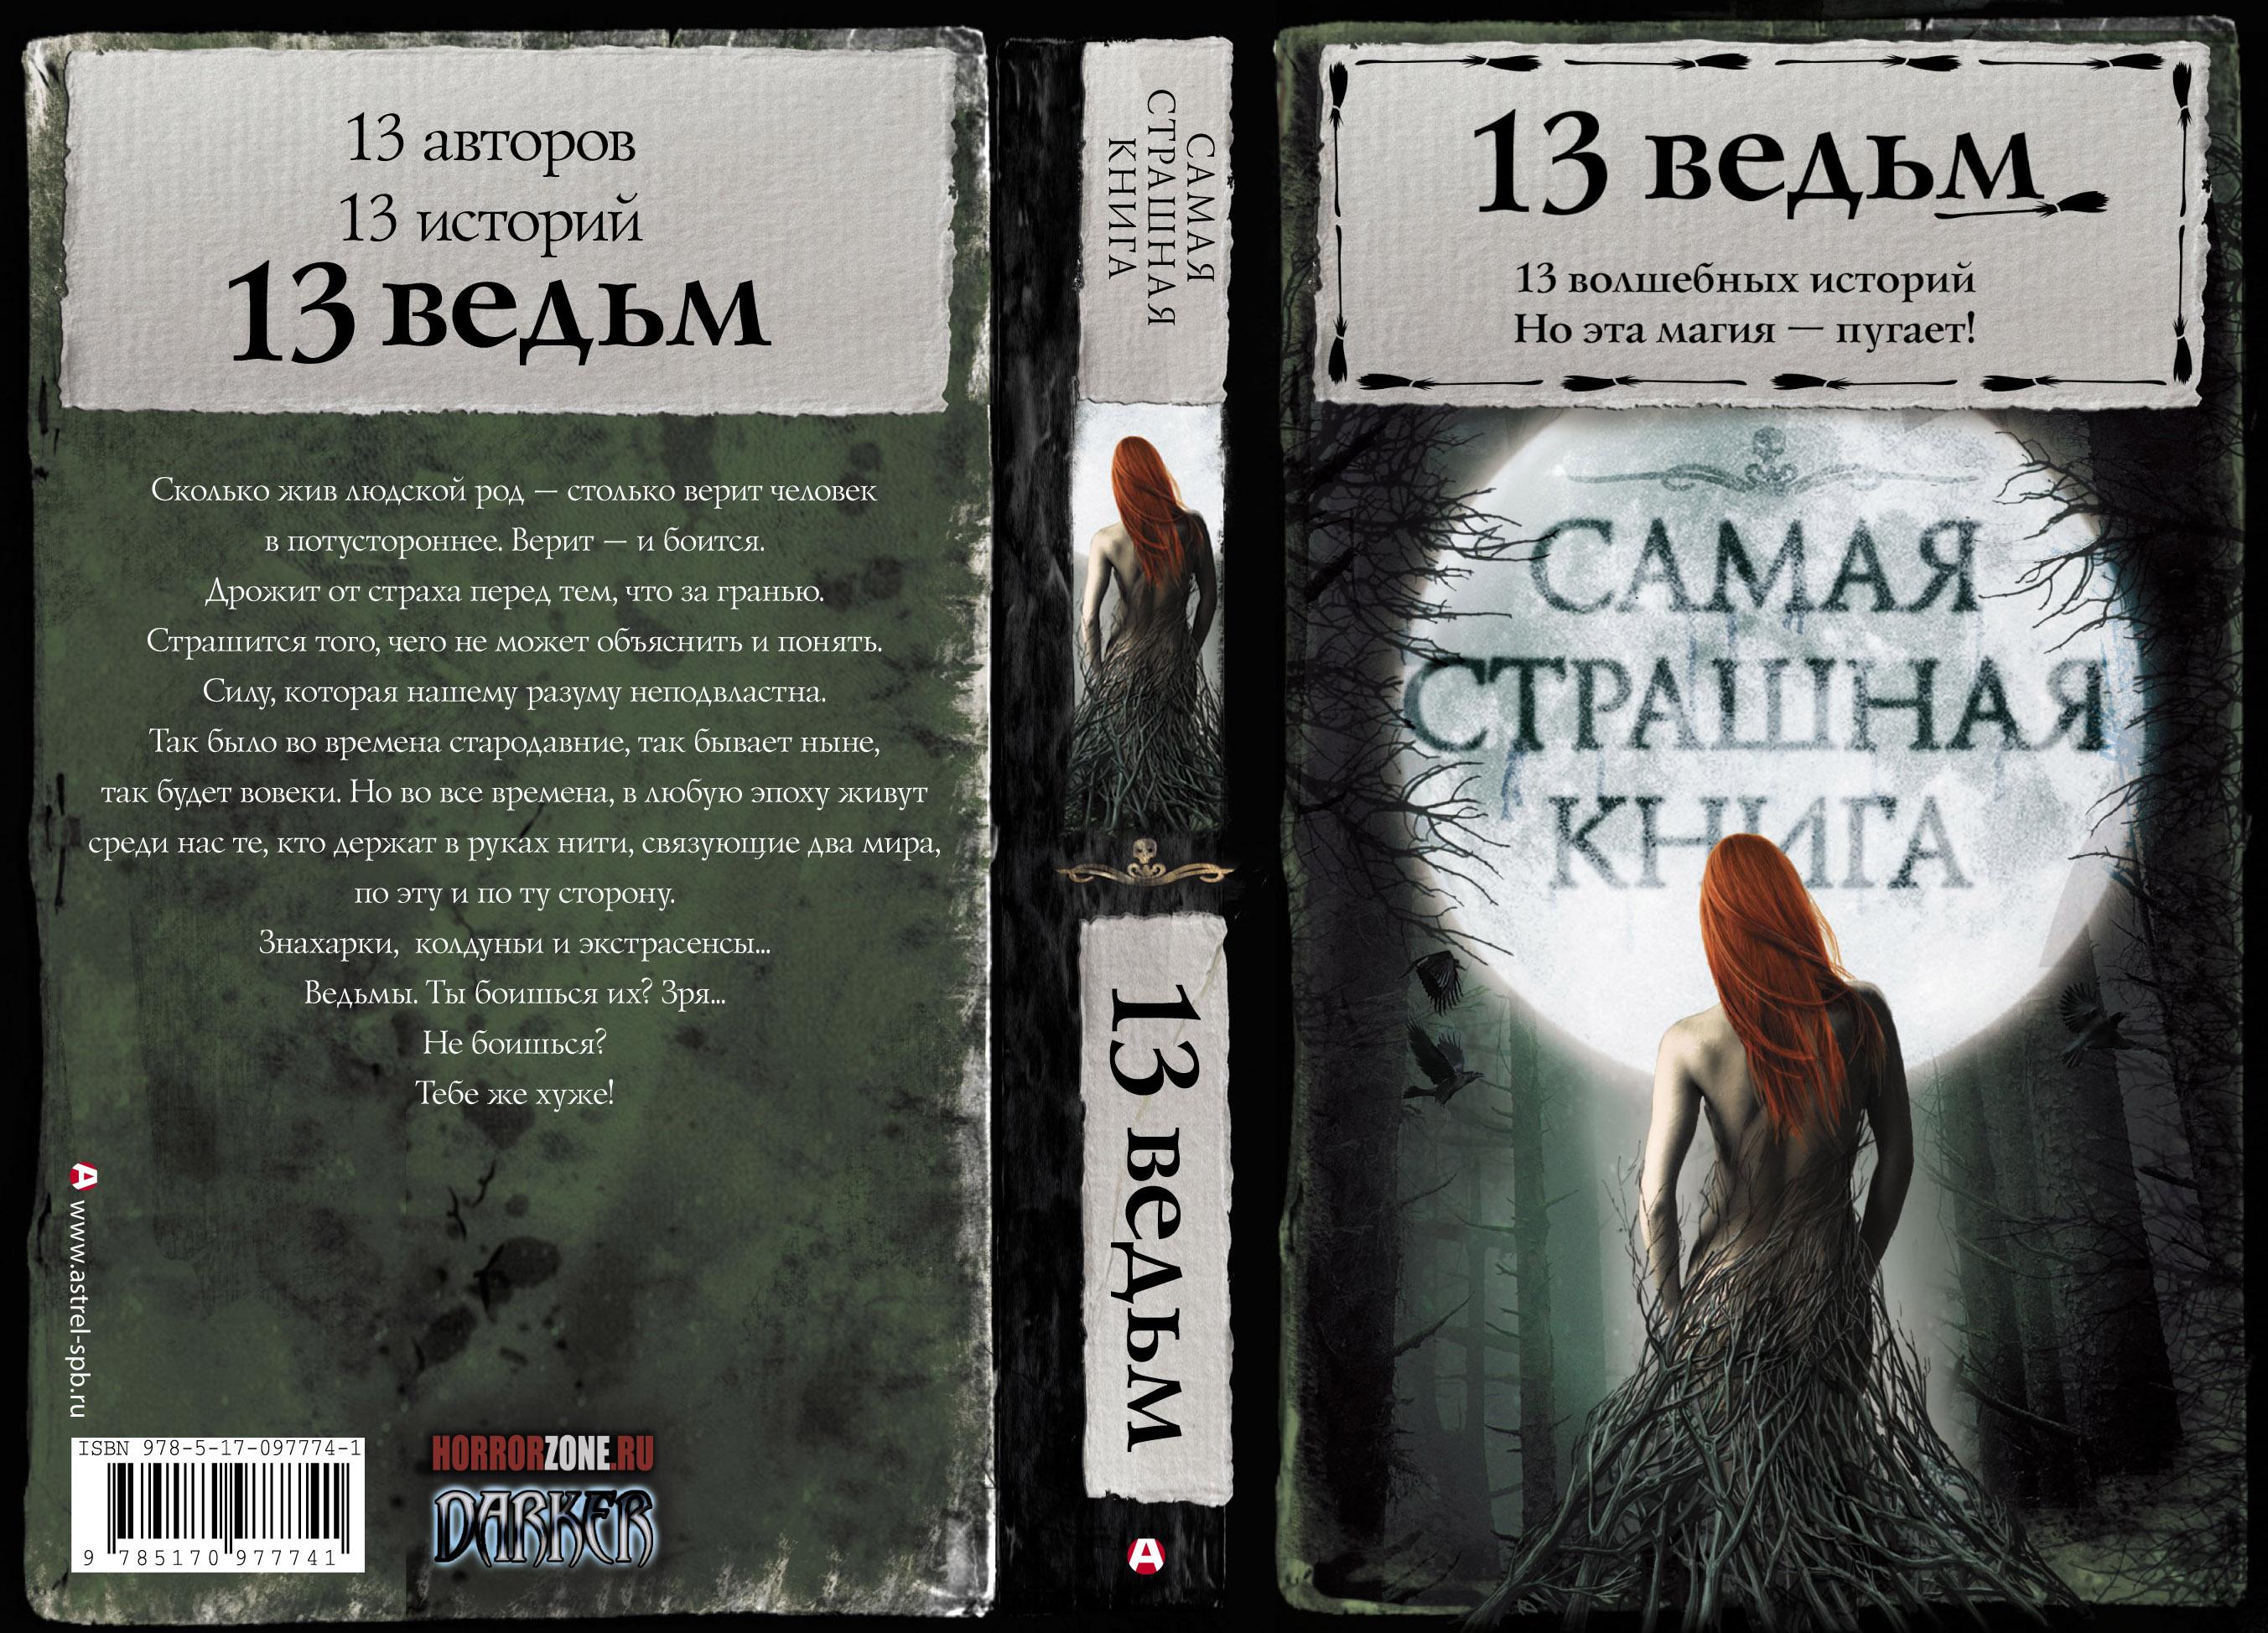 13 ведьм, обложка